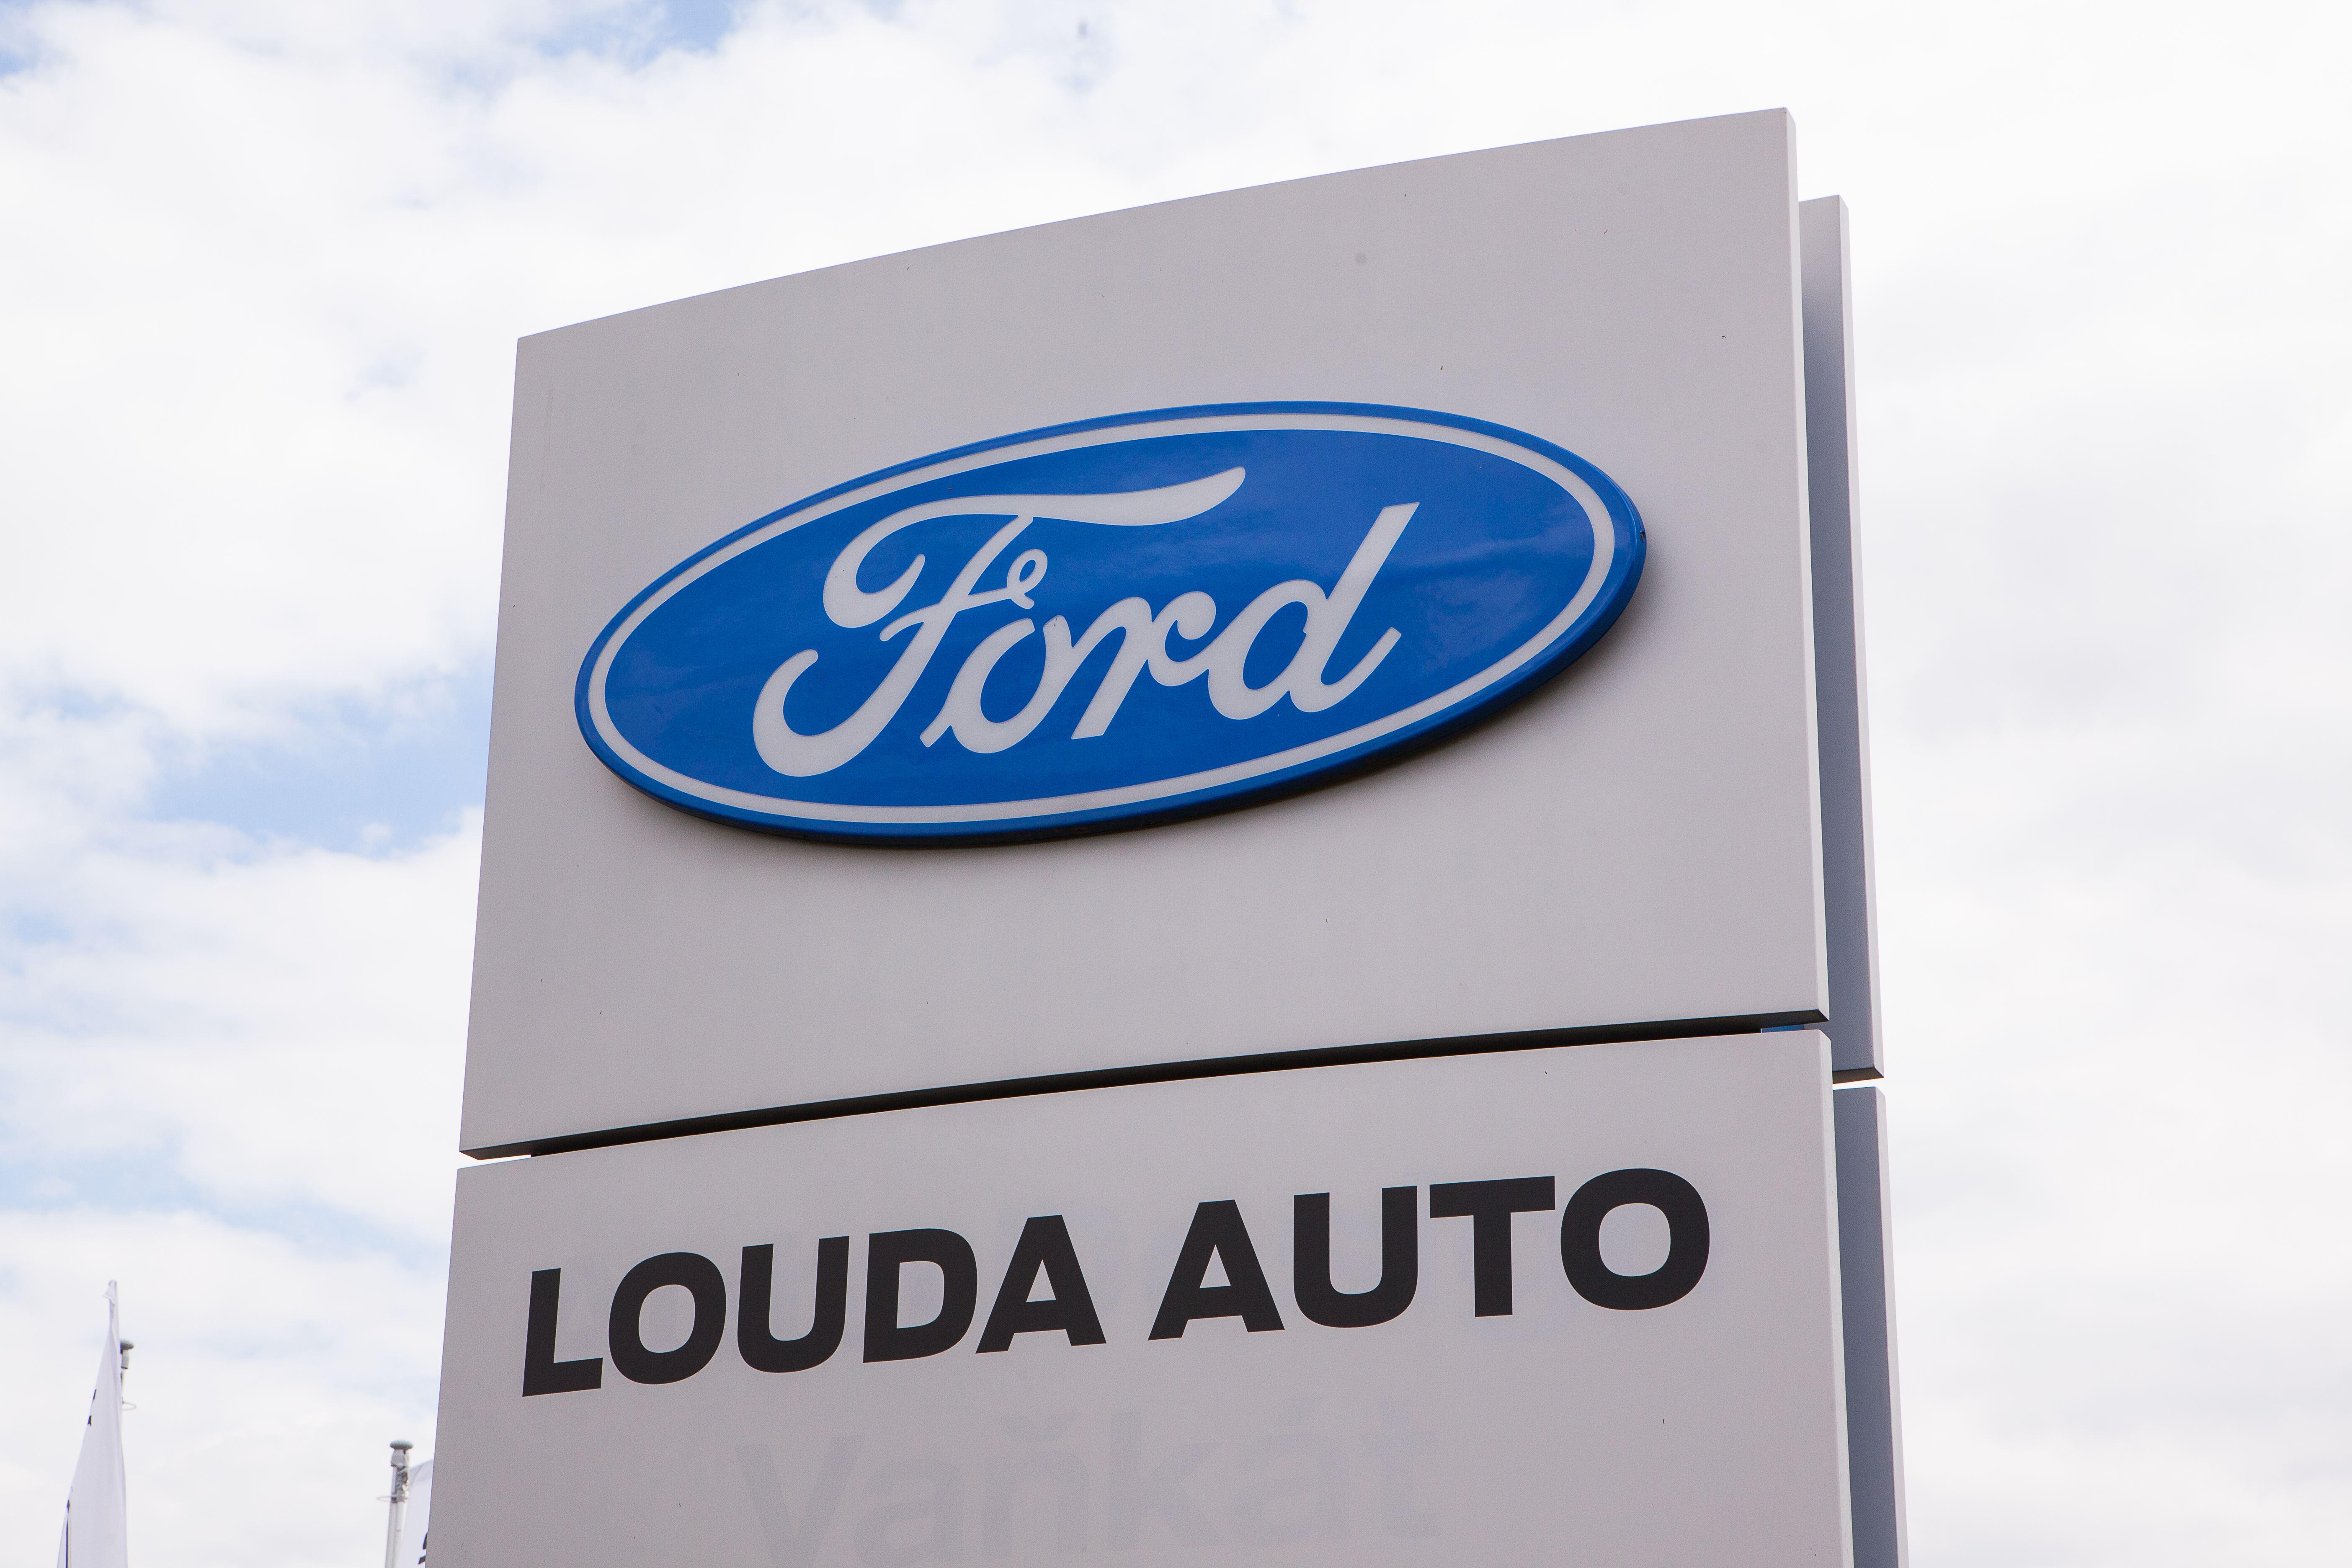 Louda Auto a.s. - autorizovaný prodejce a opravce vozů Ford v Kolíně